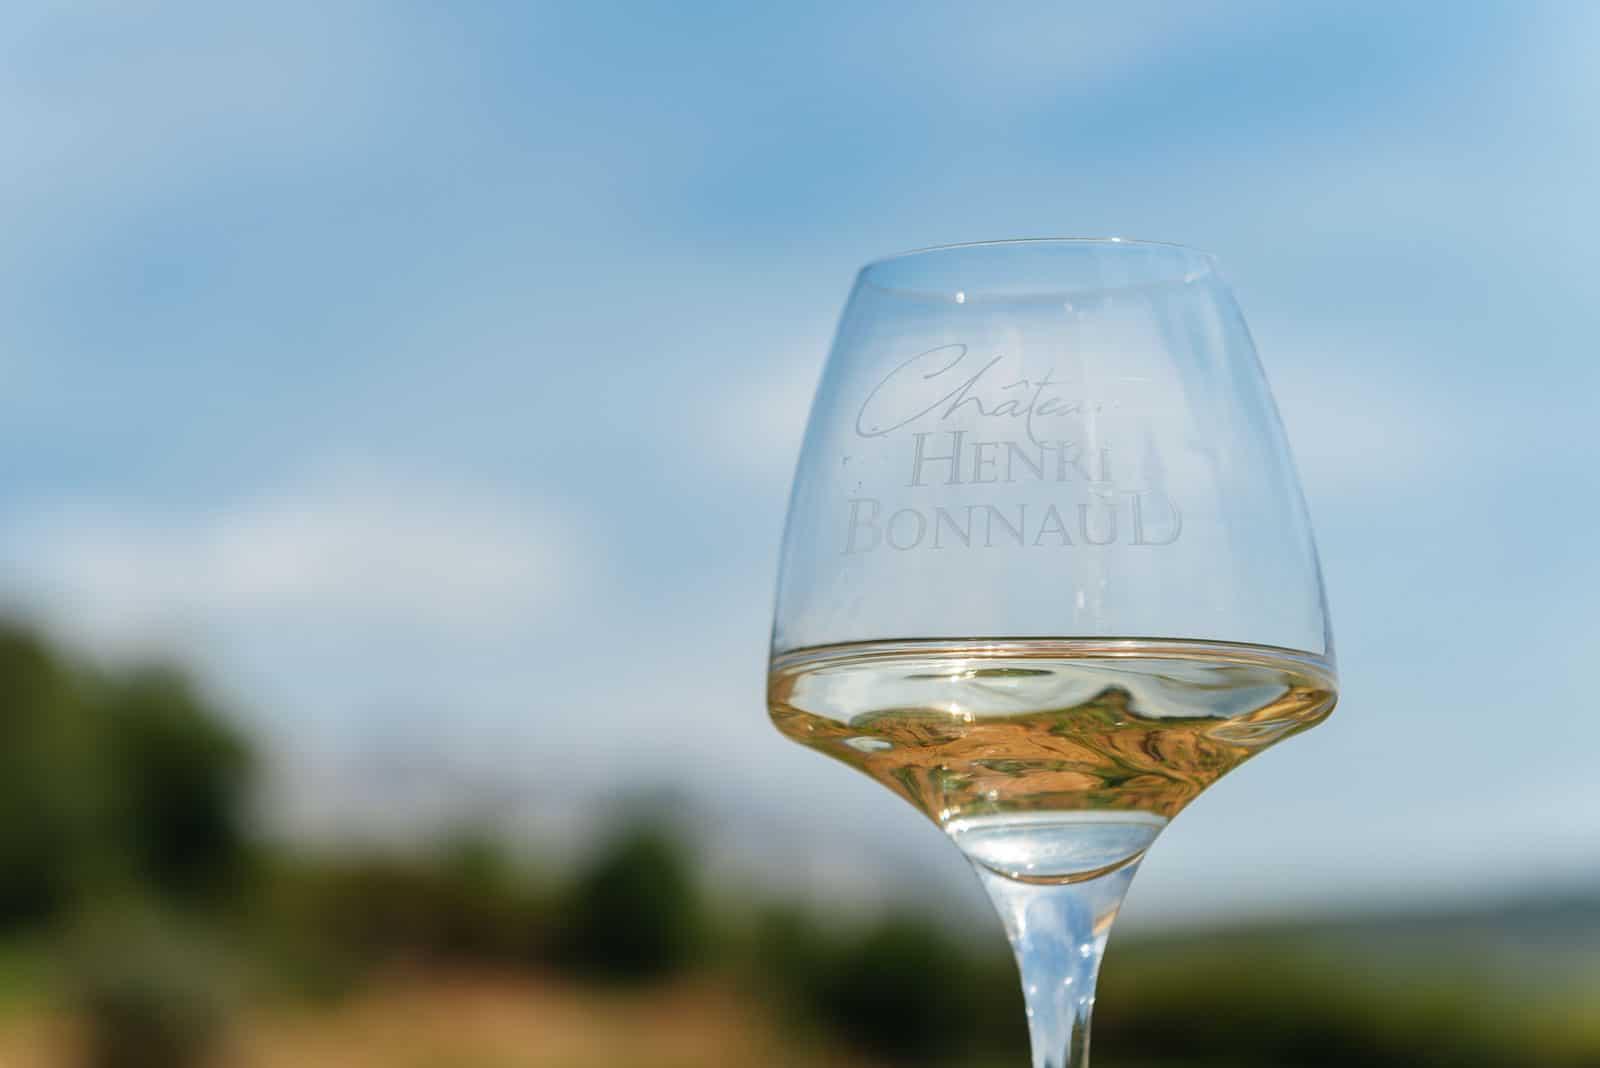 Aix en Provence wine tour, Château Henri Bonnaud, Palette